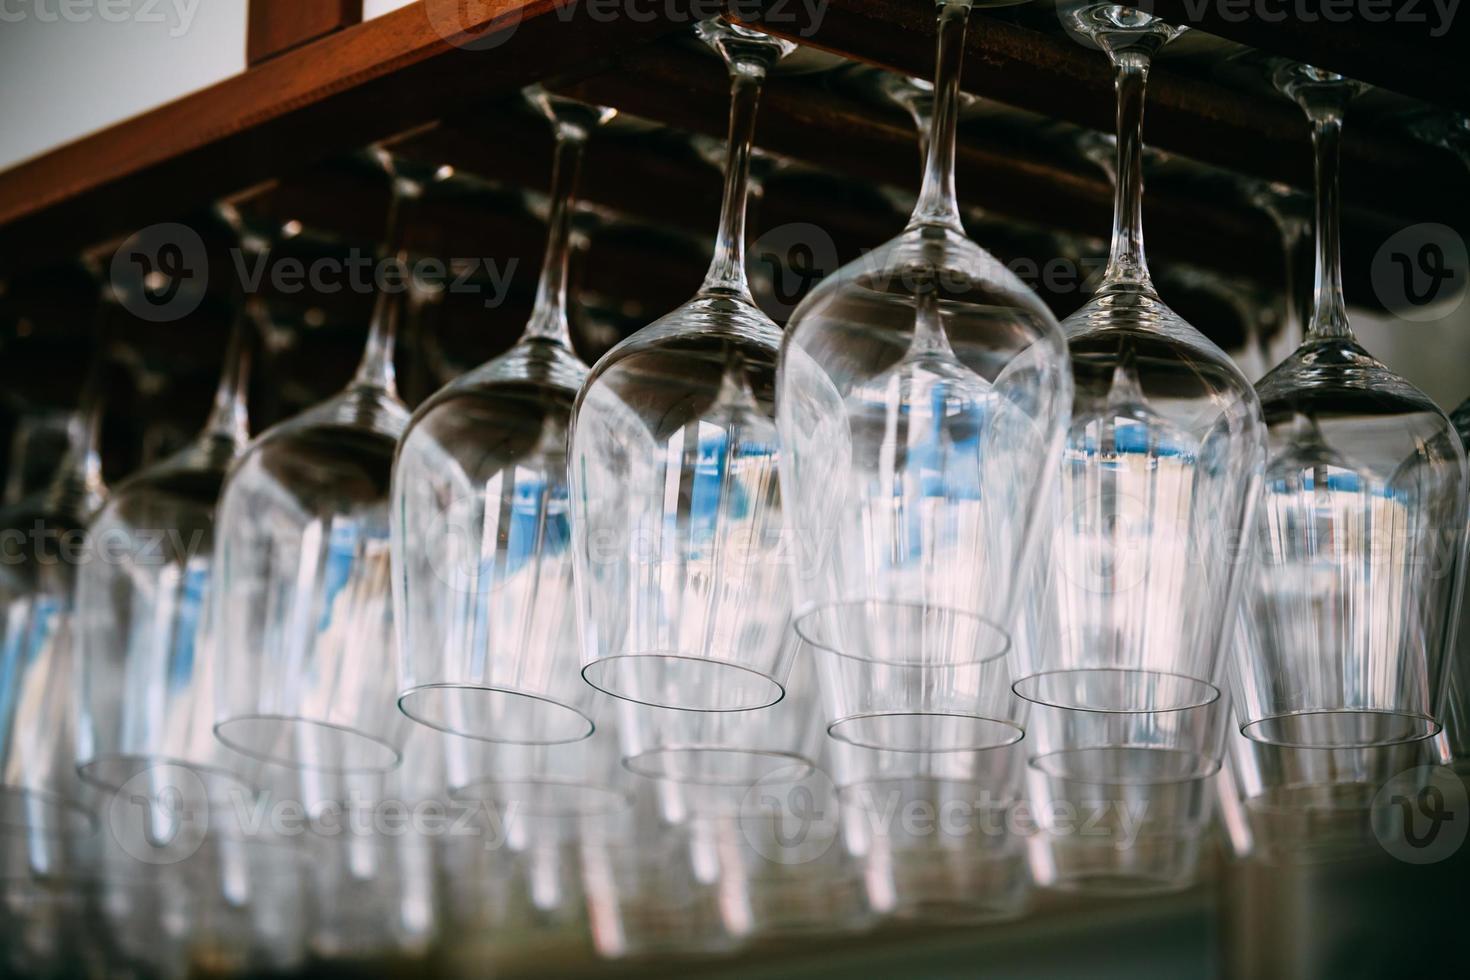 verres vides pour le vin au-dessus du support de bar. verres à vin suspendus photo